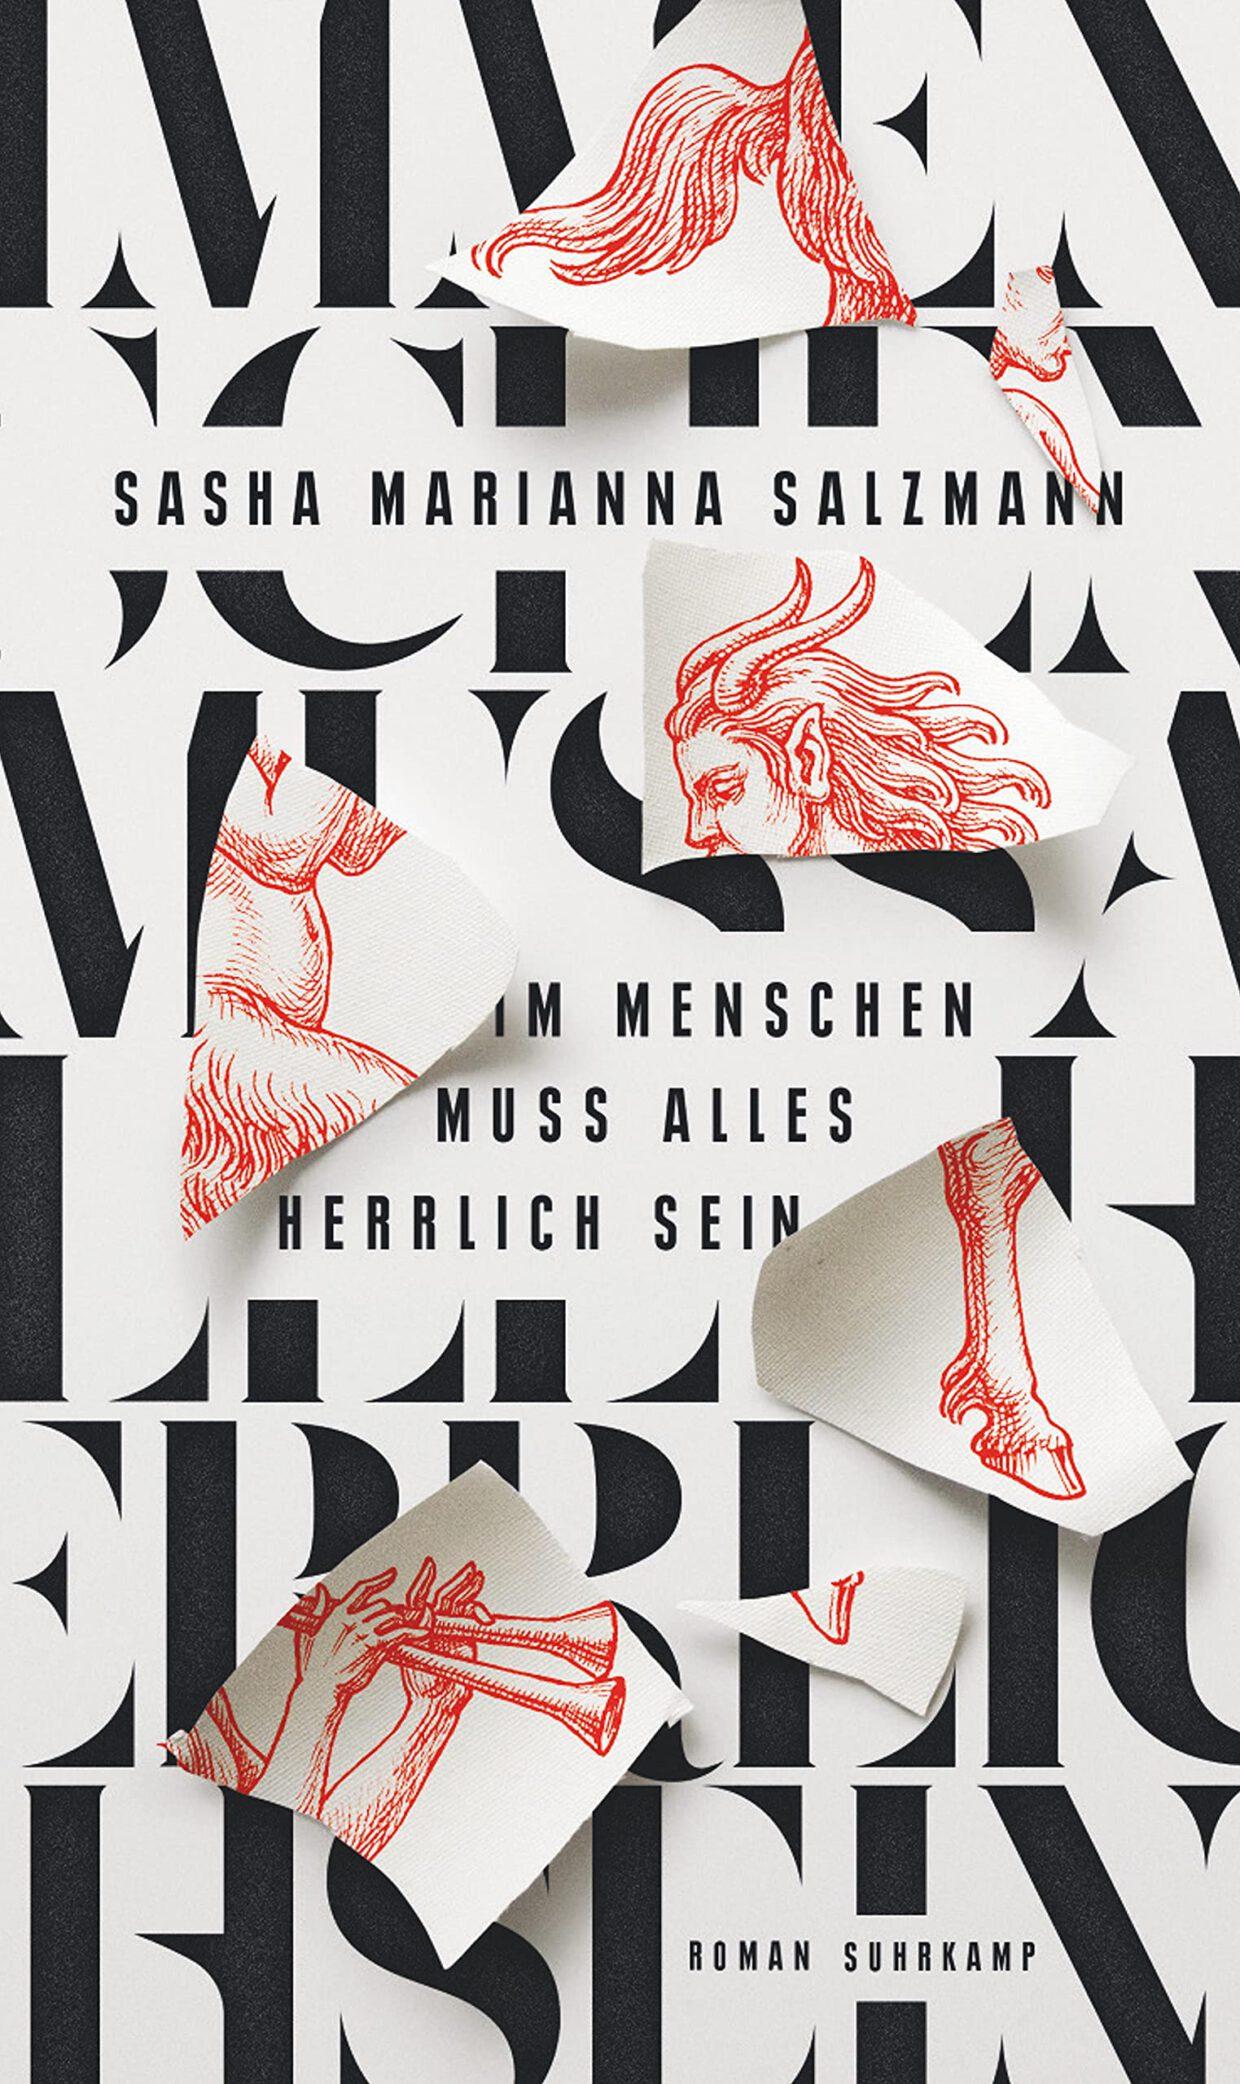 Sasha Marianna Salzmann: Im Menschen muss alles herrlich sein